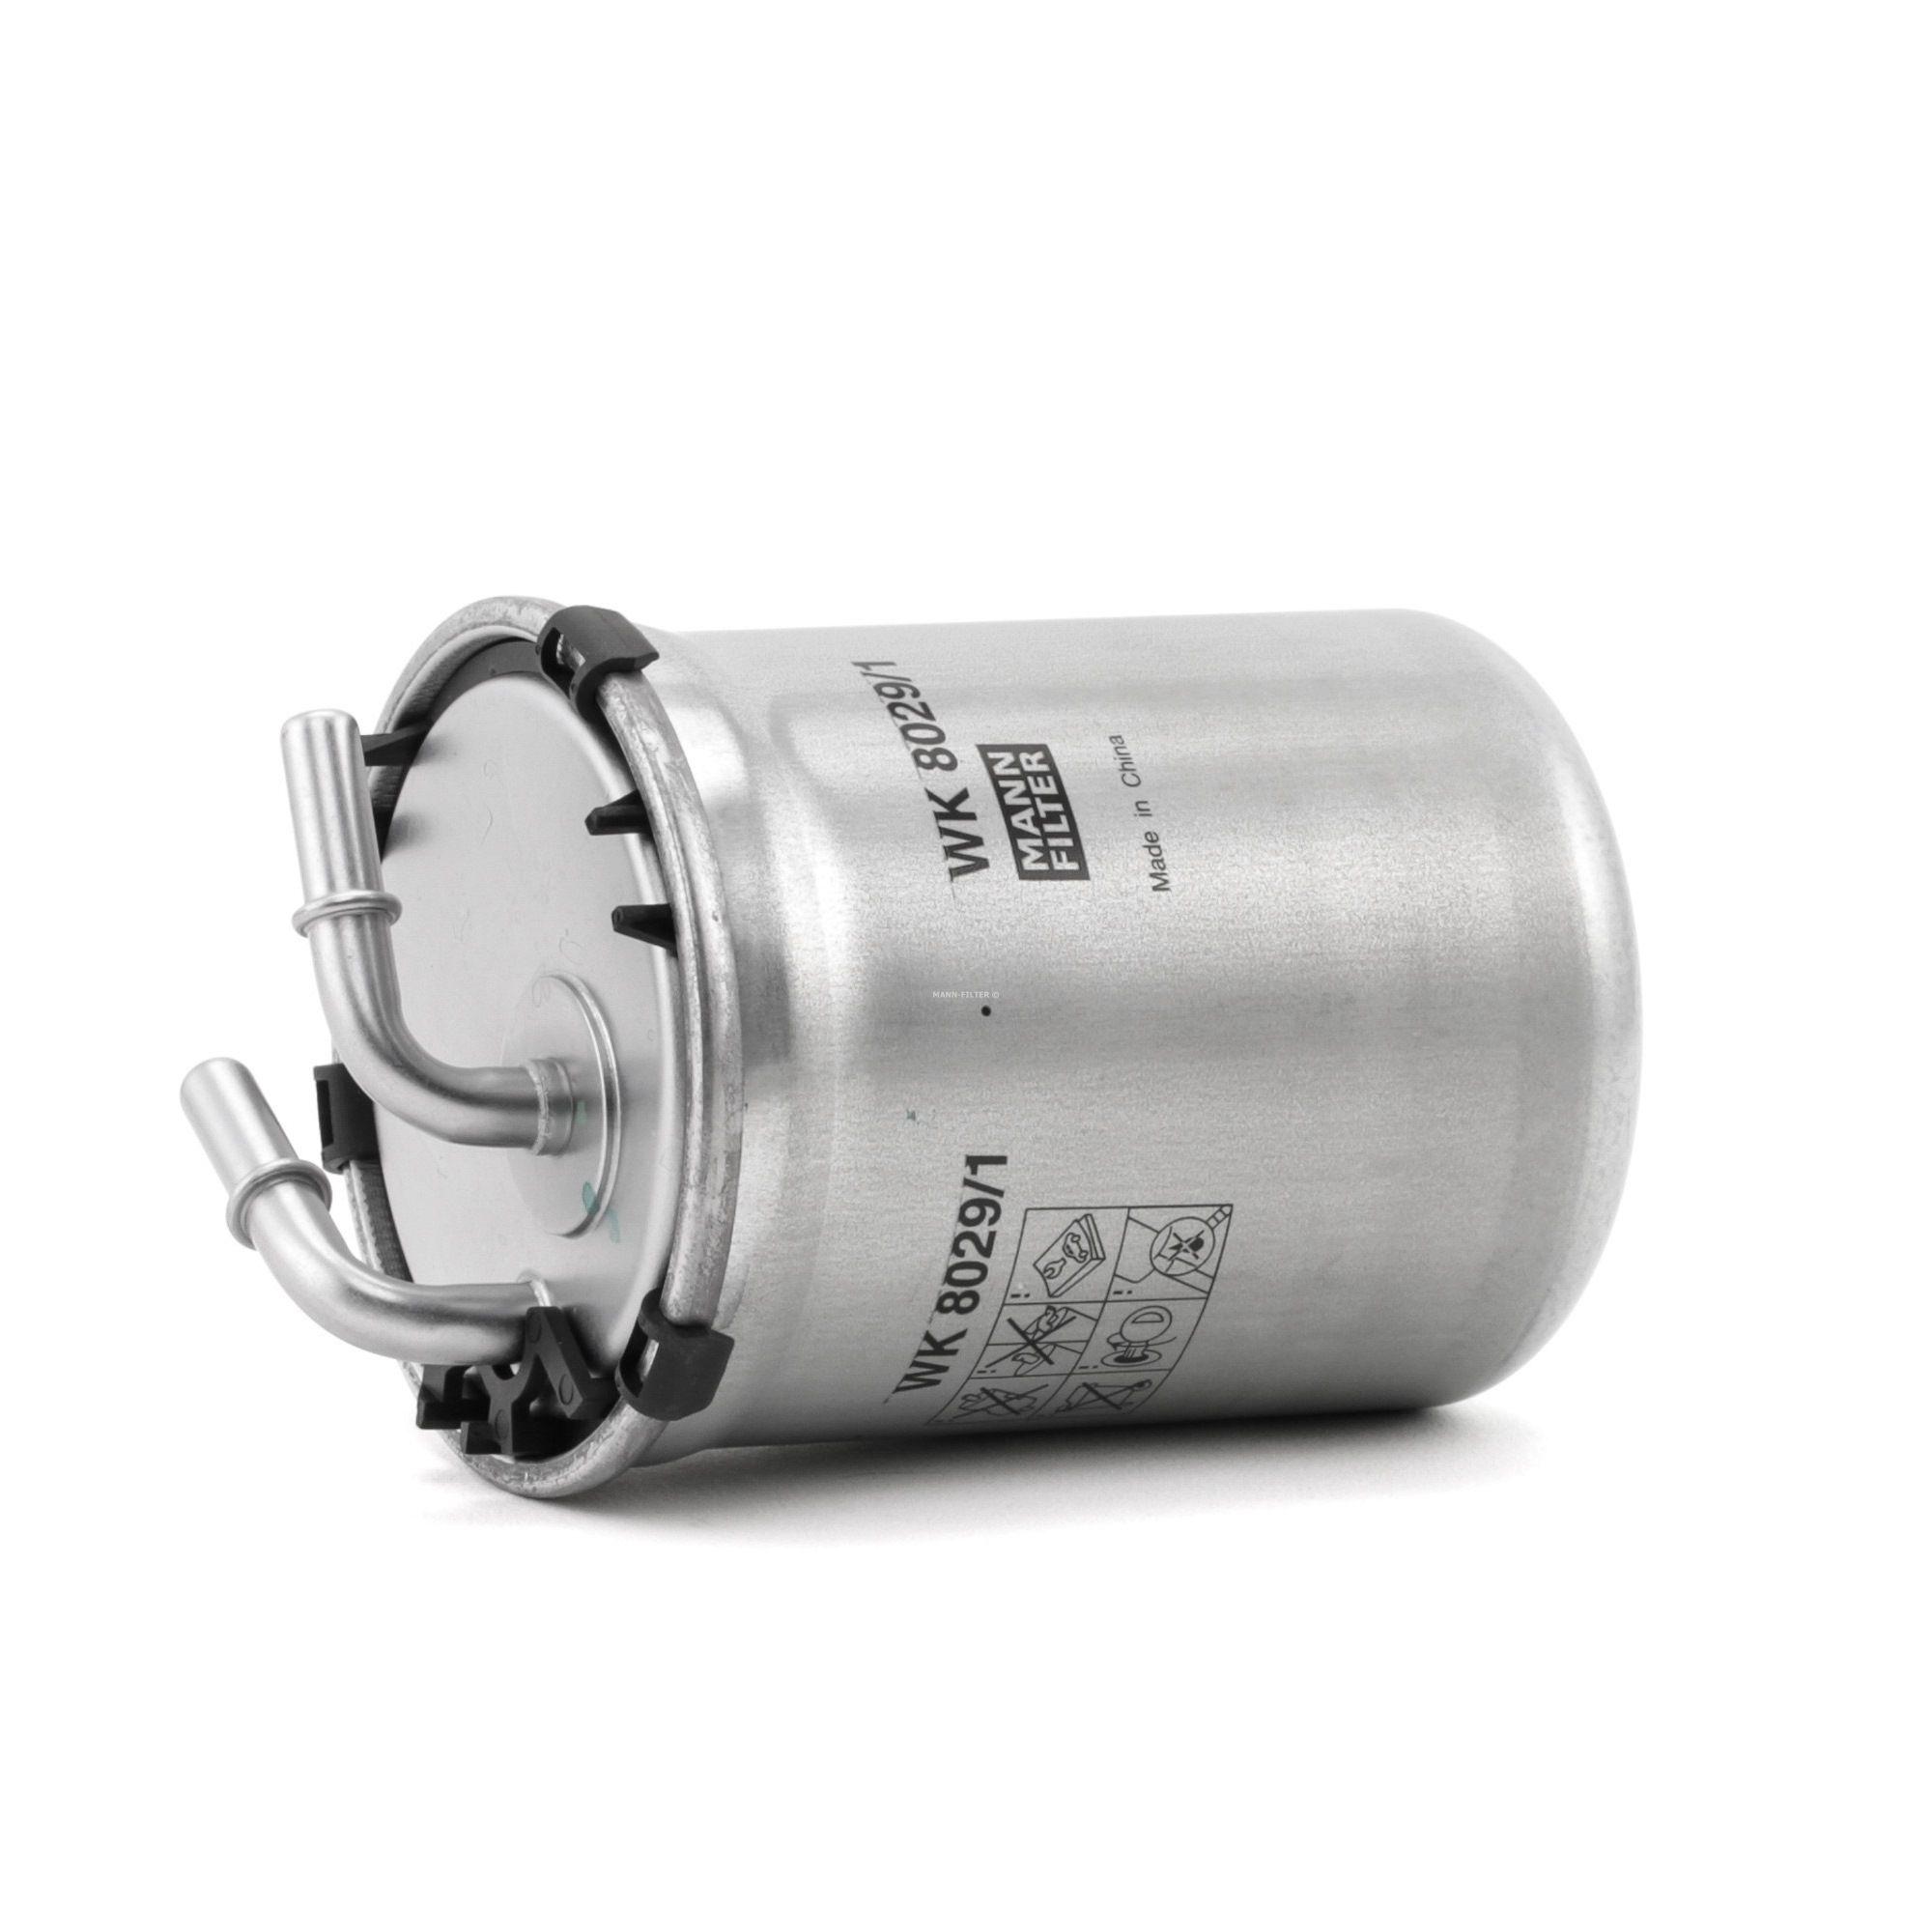 Palivový filtr WK 8029/1 s vynikajícím poměrem mezi cenou a MANN-FILTER kvalitou